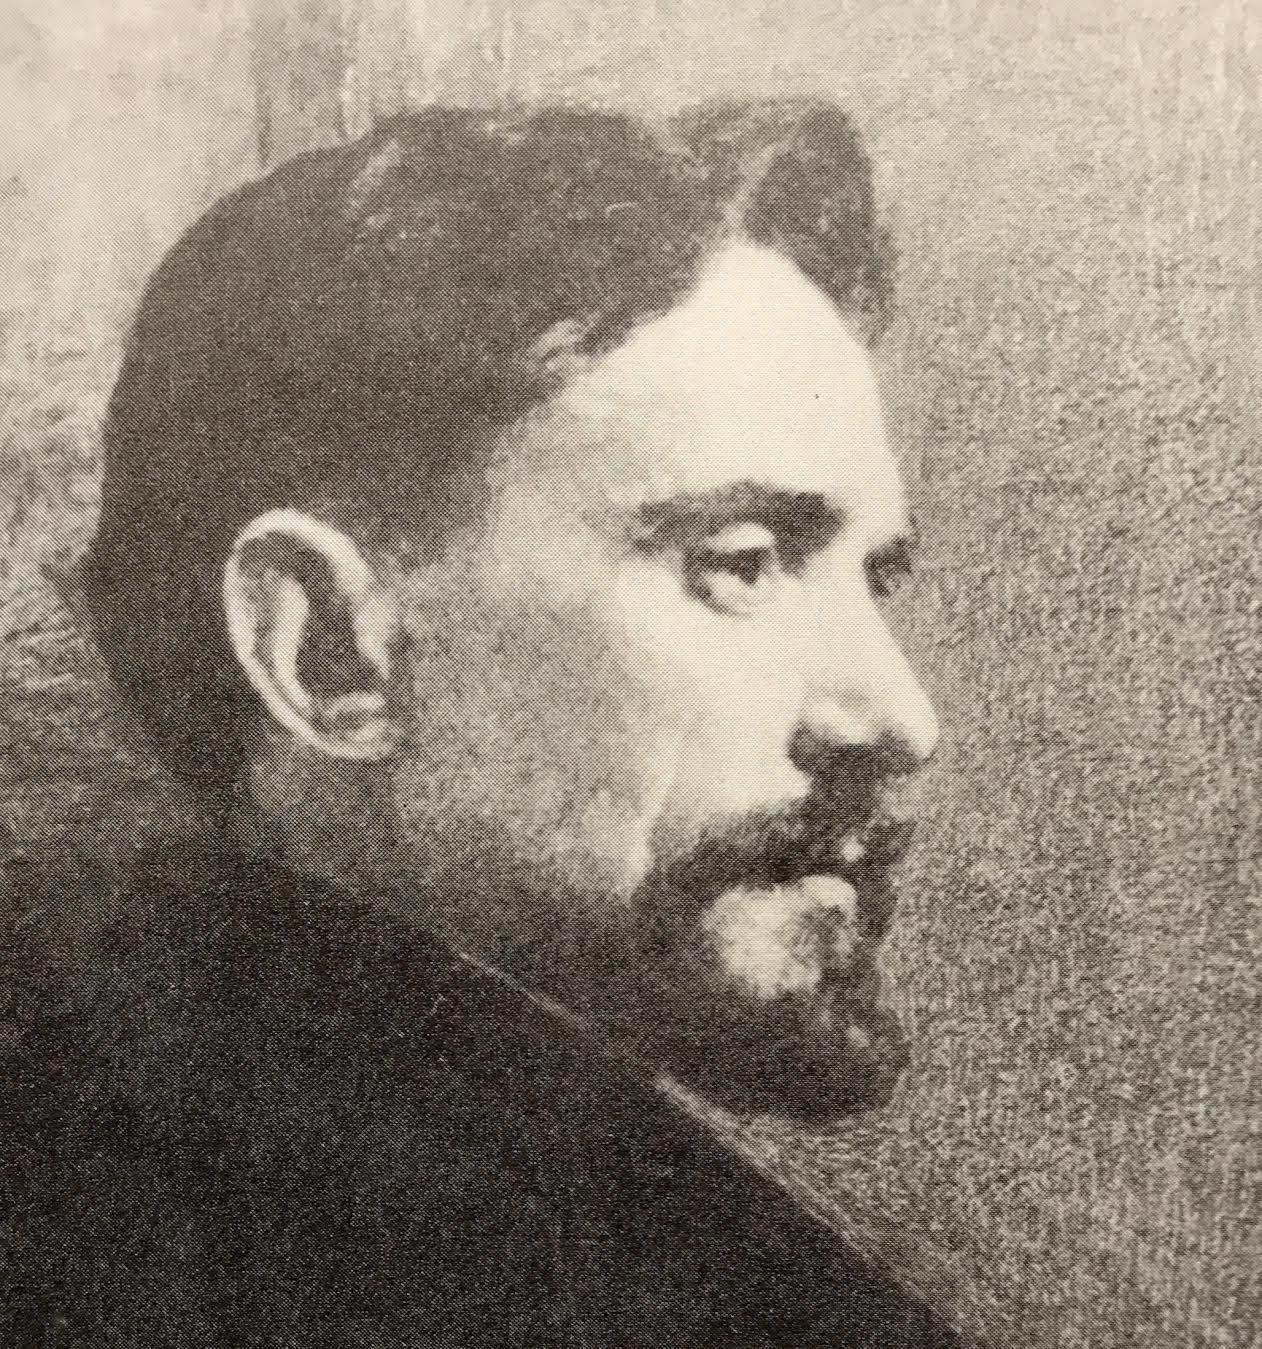 John Henry Vanderpoel